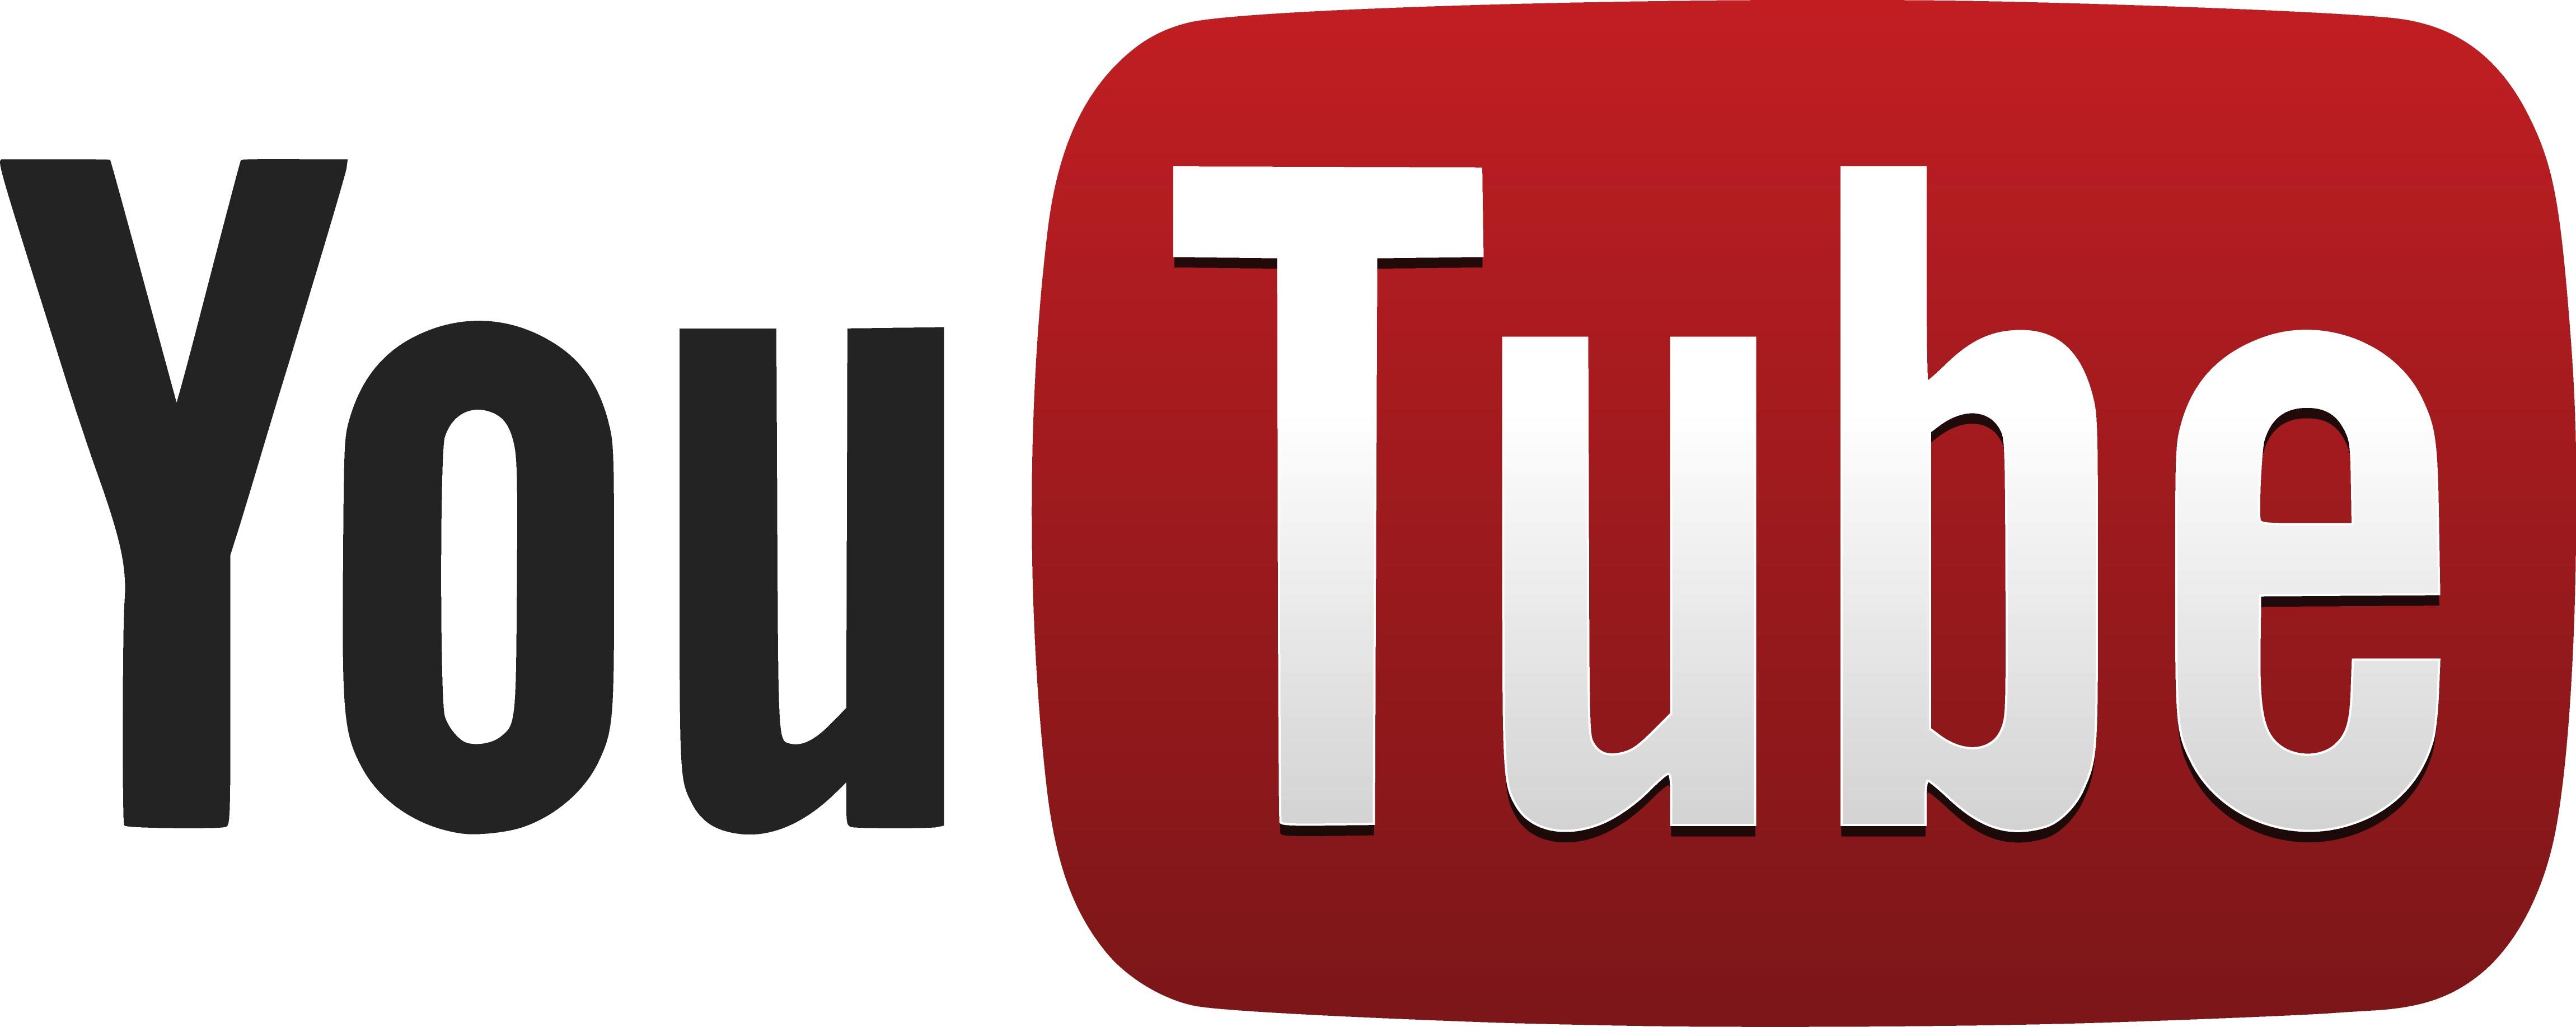 Прямая ссылка на Продвижение бизнеса с помощью Youtube.  Записи Виктор.